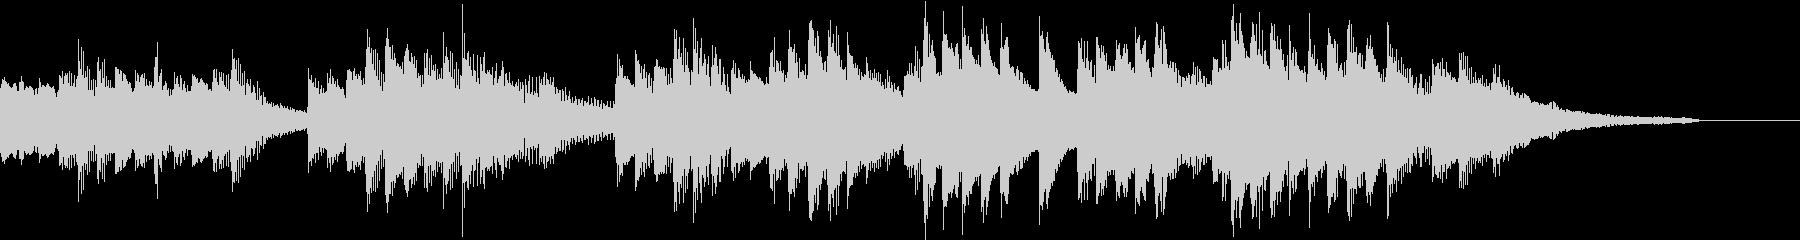 豊かな和音のうららかな秋のピアノジングルの未再生の波形